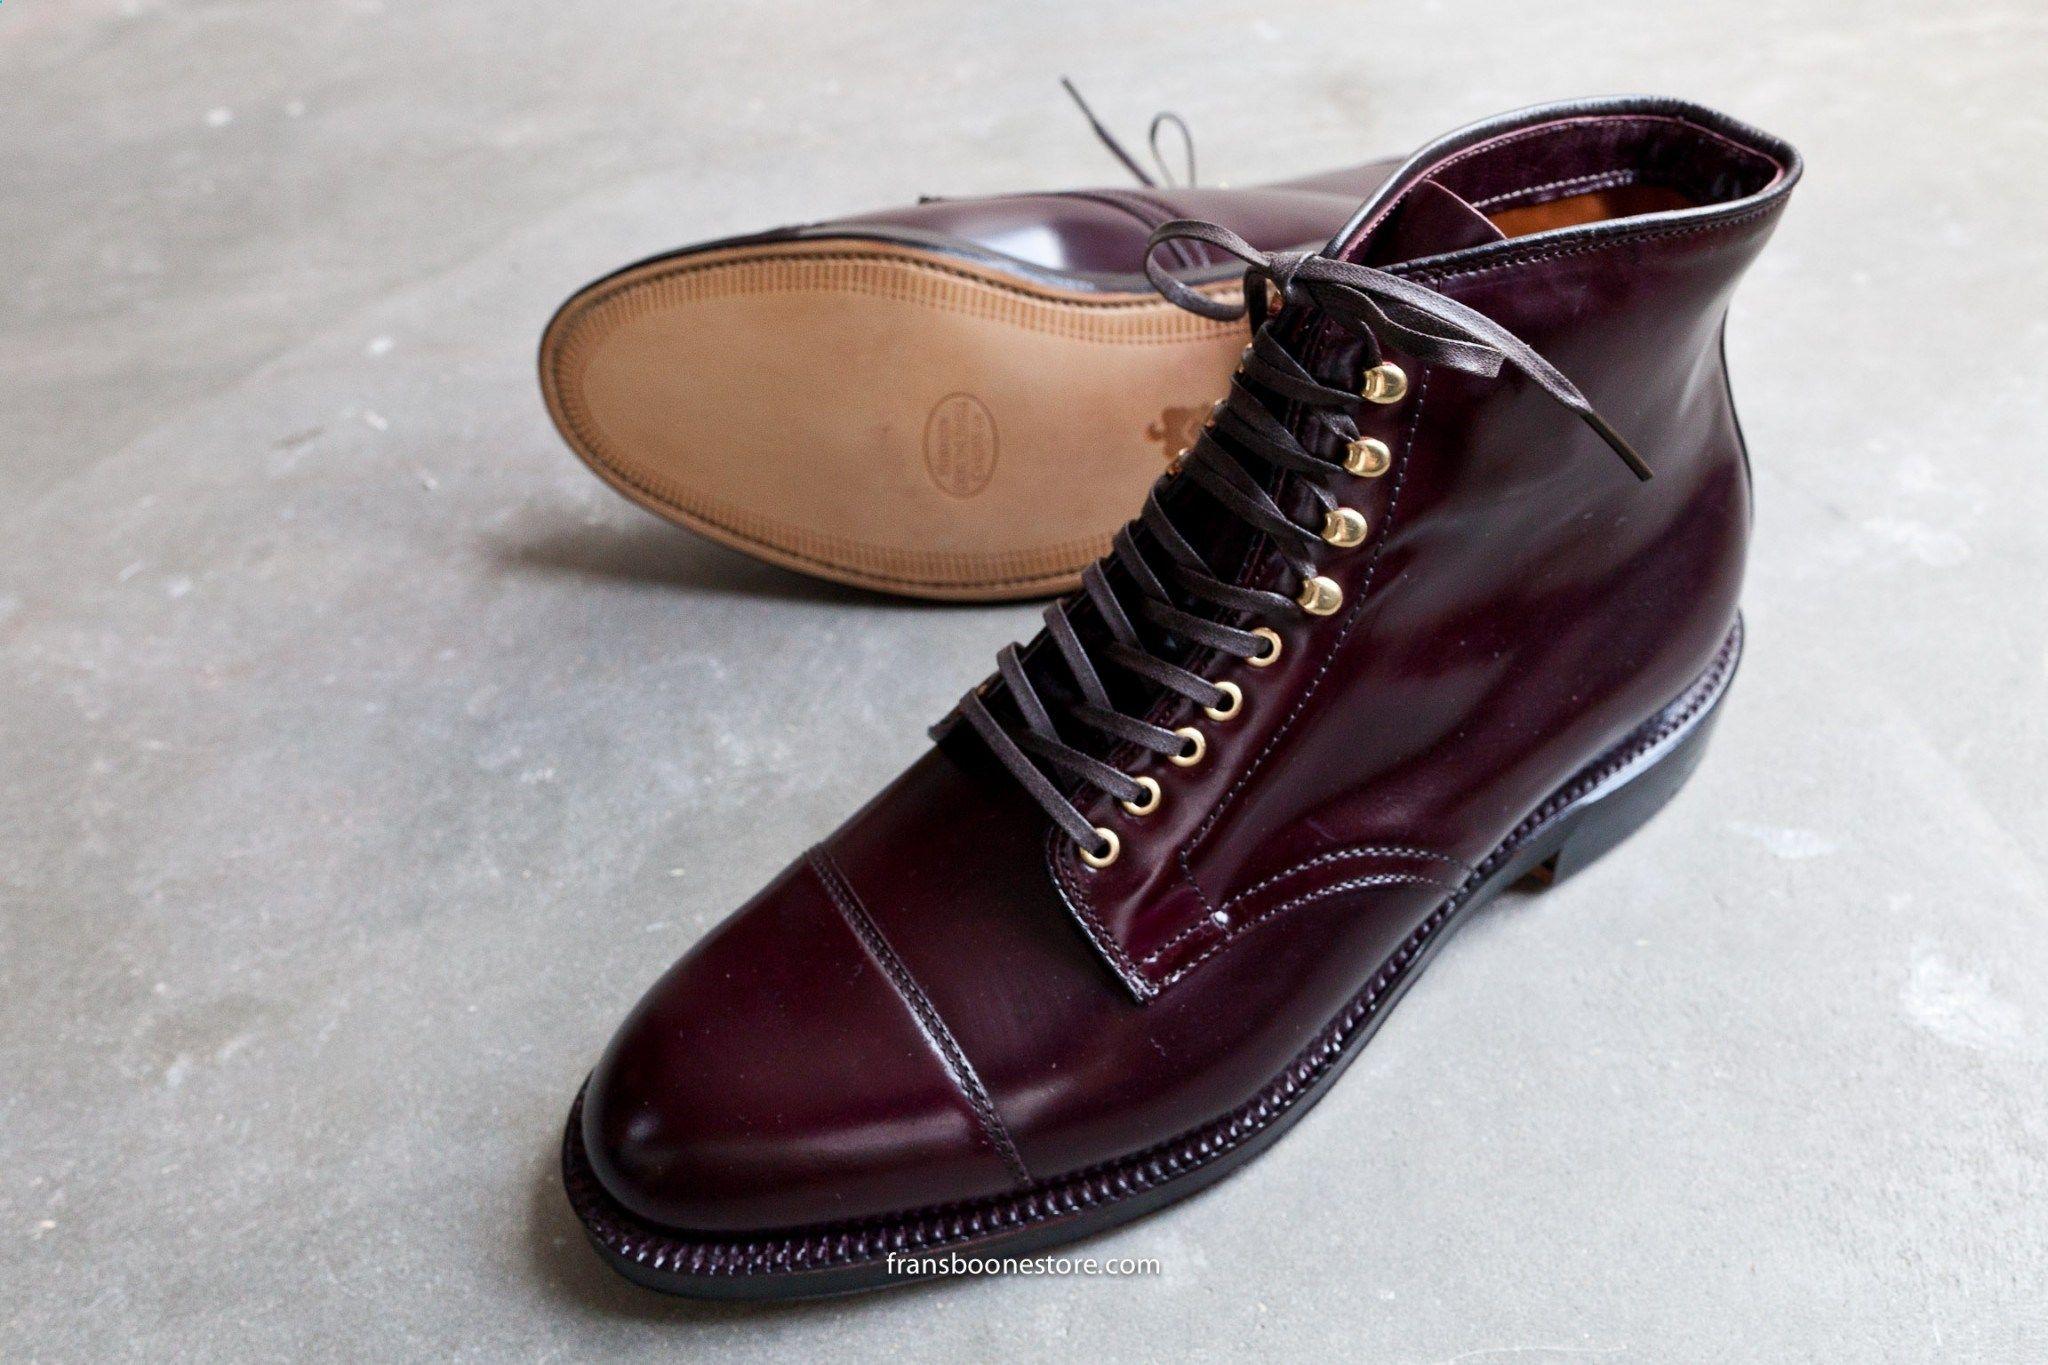 parajumper boots